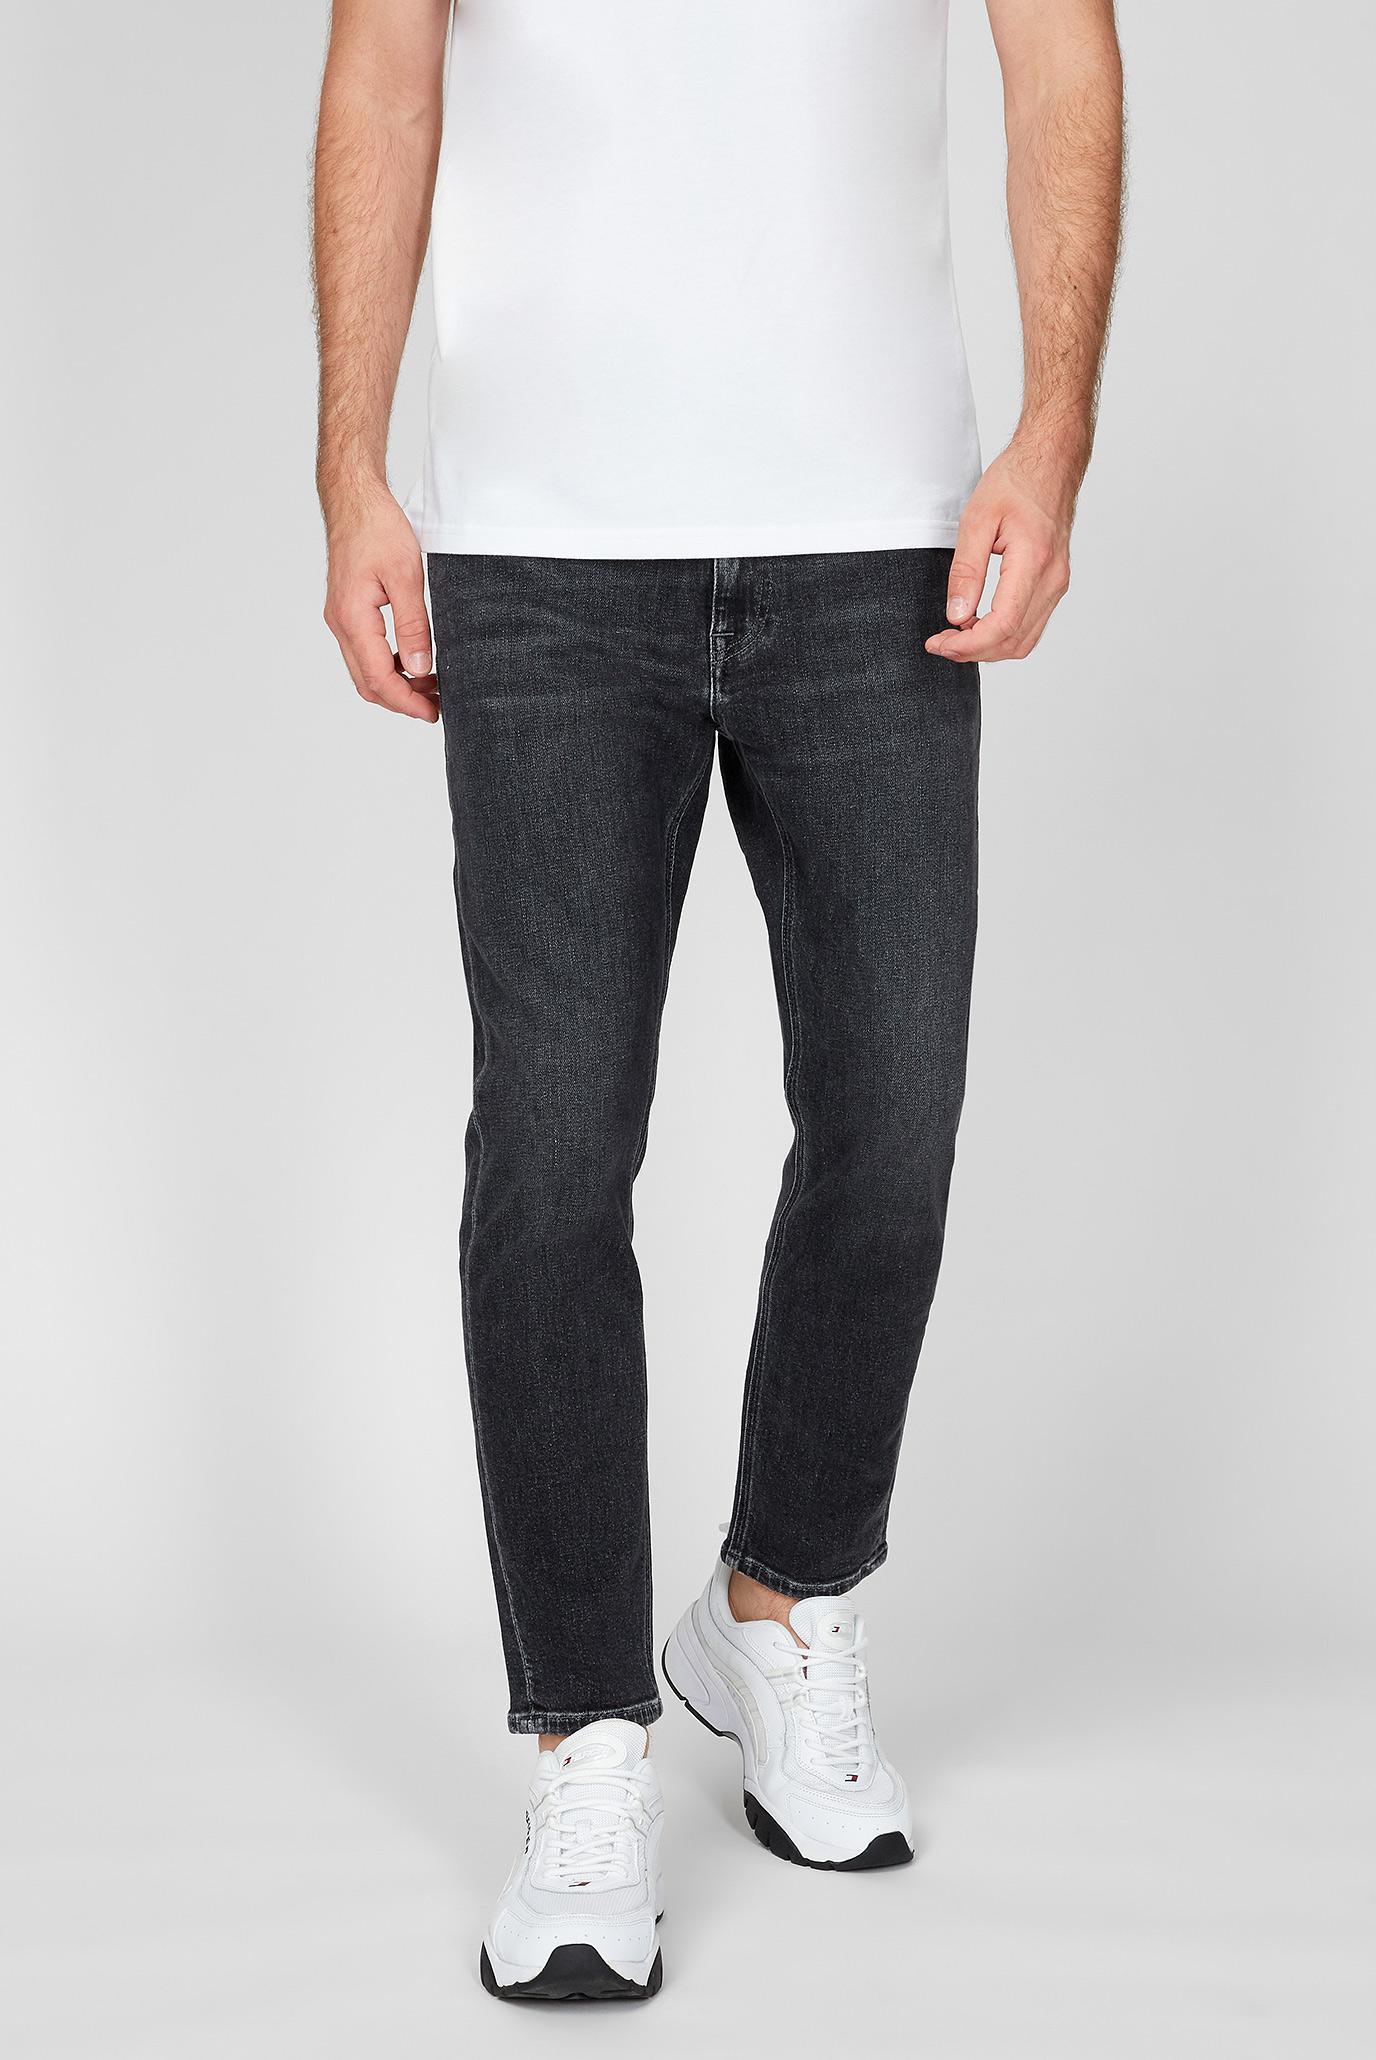 Чоловічі чорні джинси DAD JEAN 1